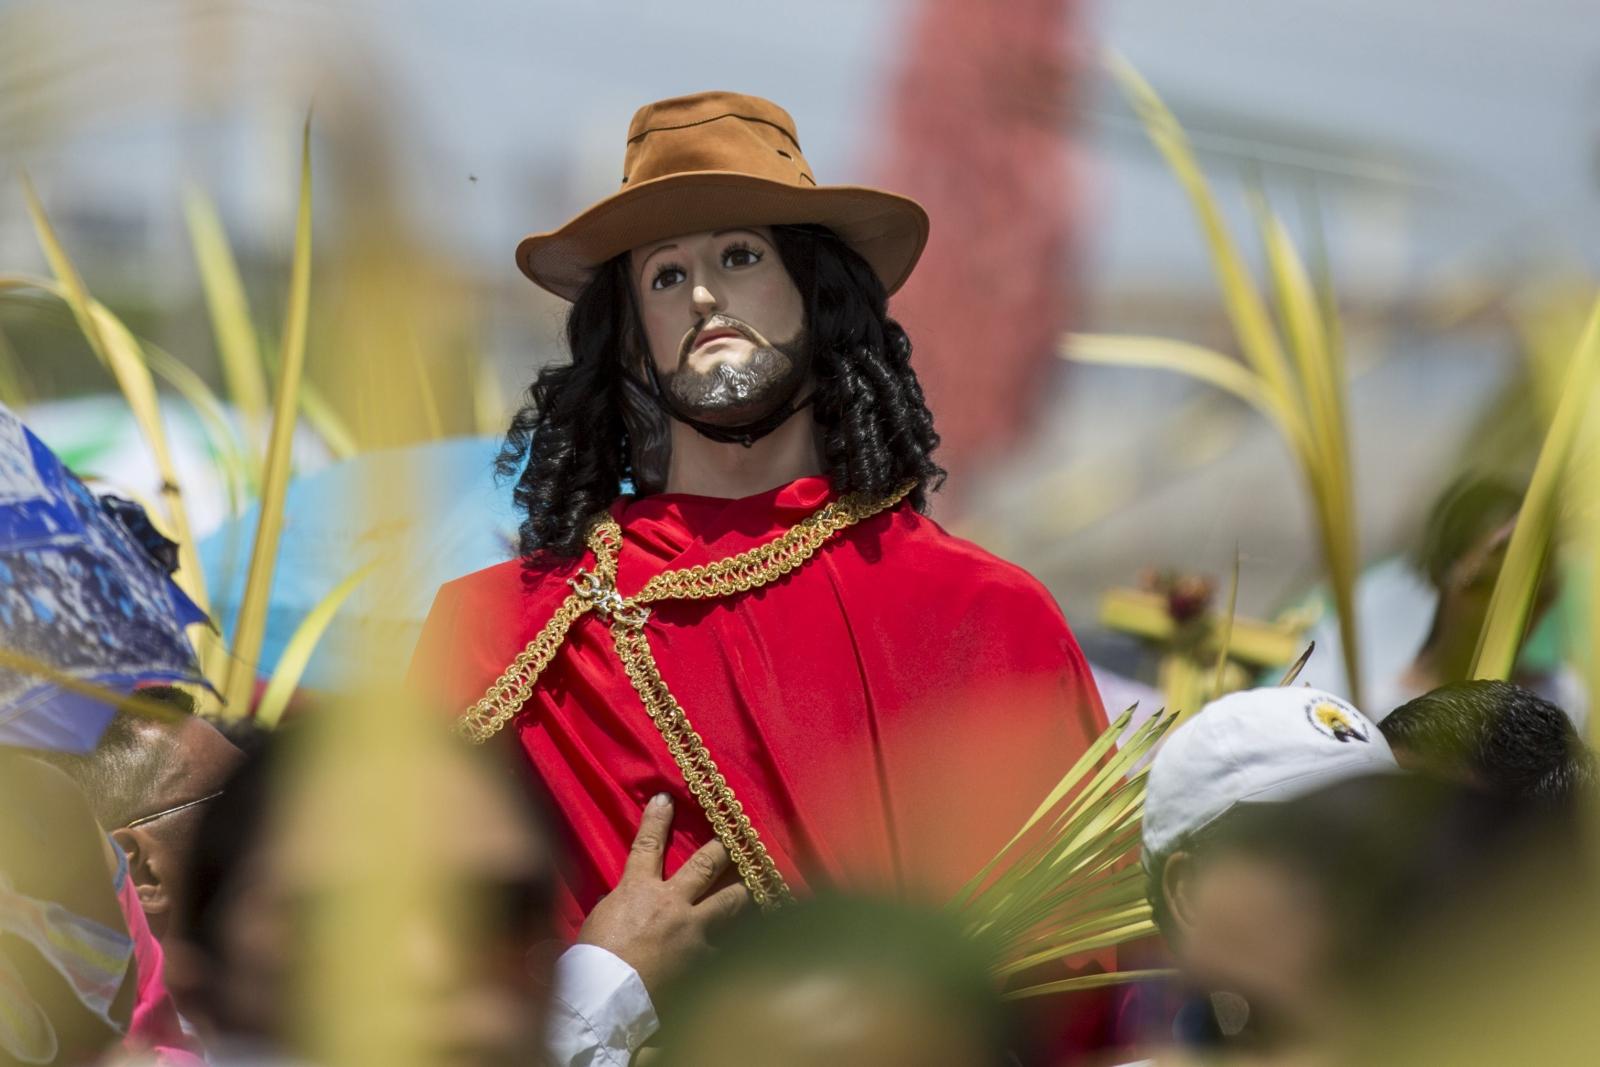 Niedziela Palmowa w Managui, Nikaragua.